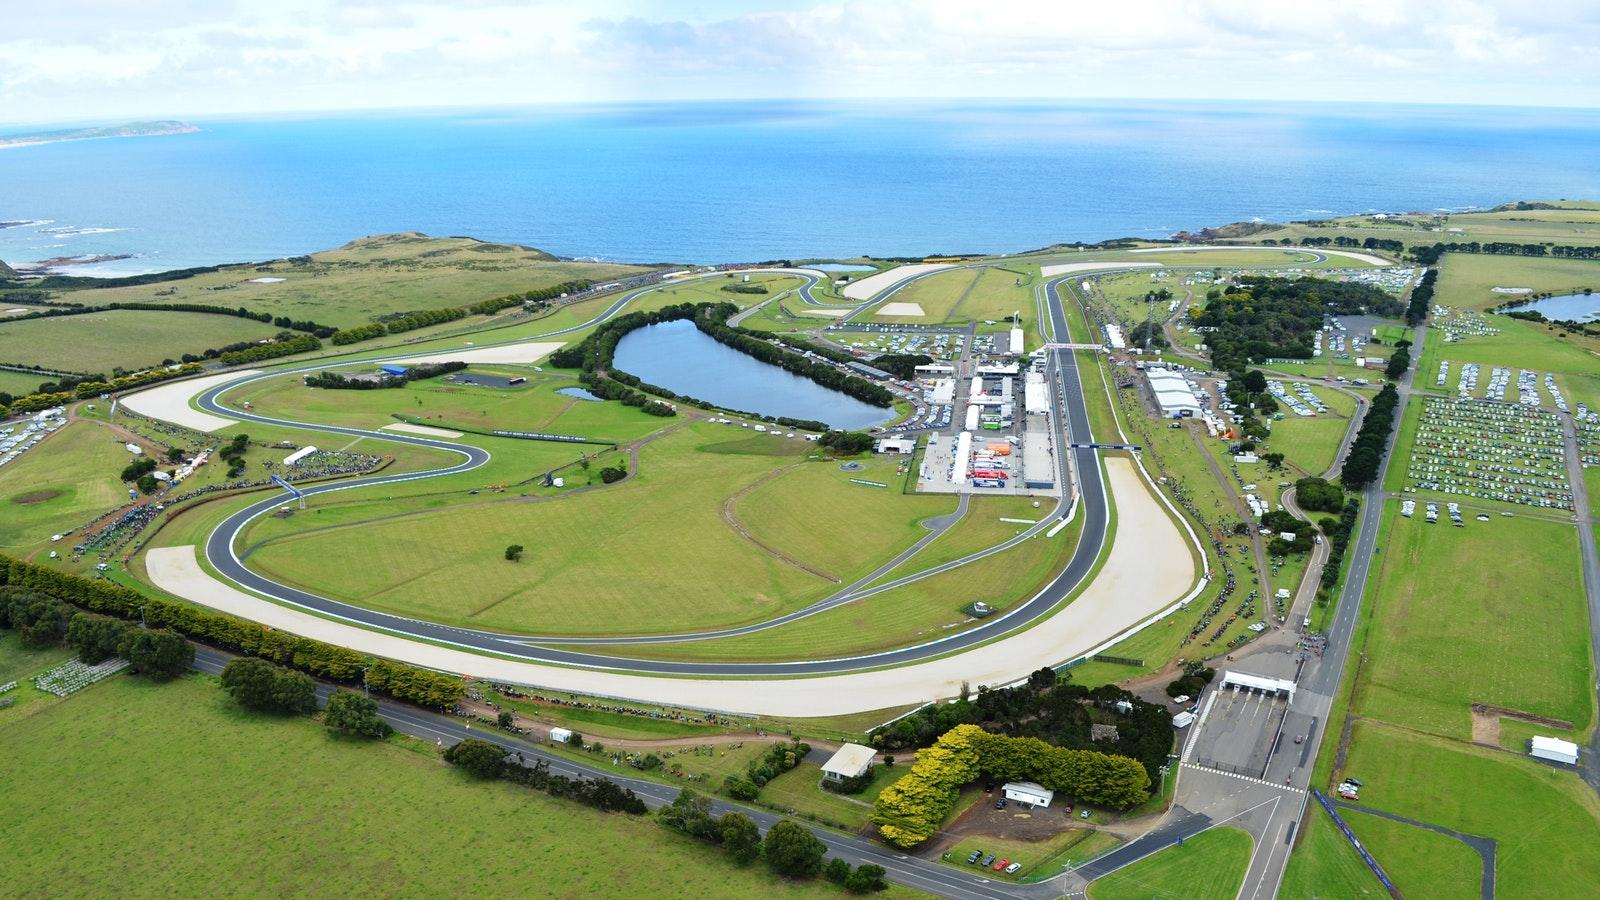 Phillip Island Grand Prix Circuit Vistor Centre